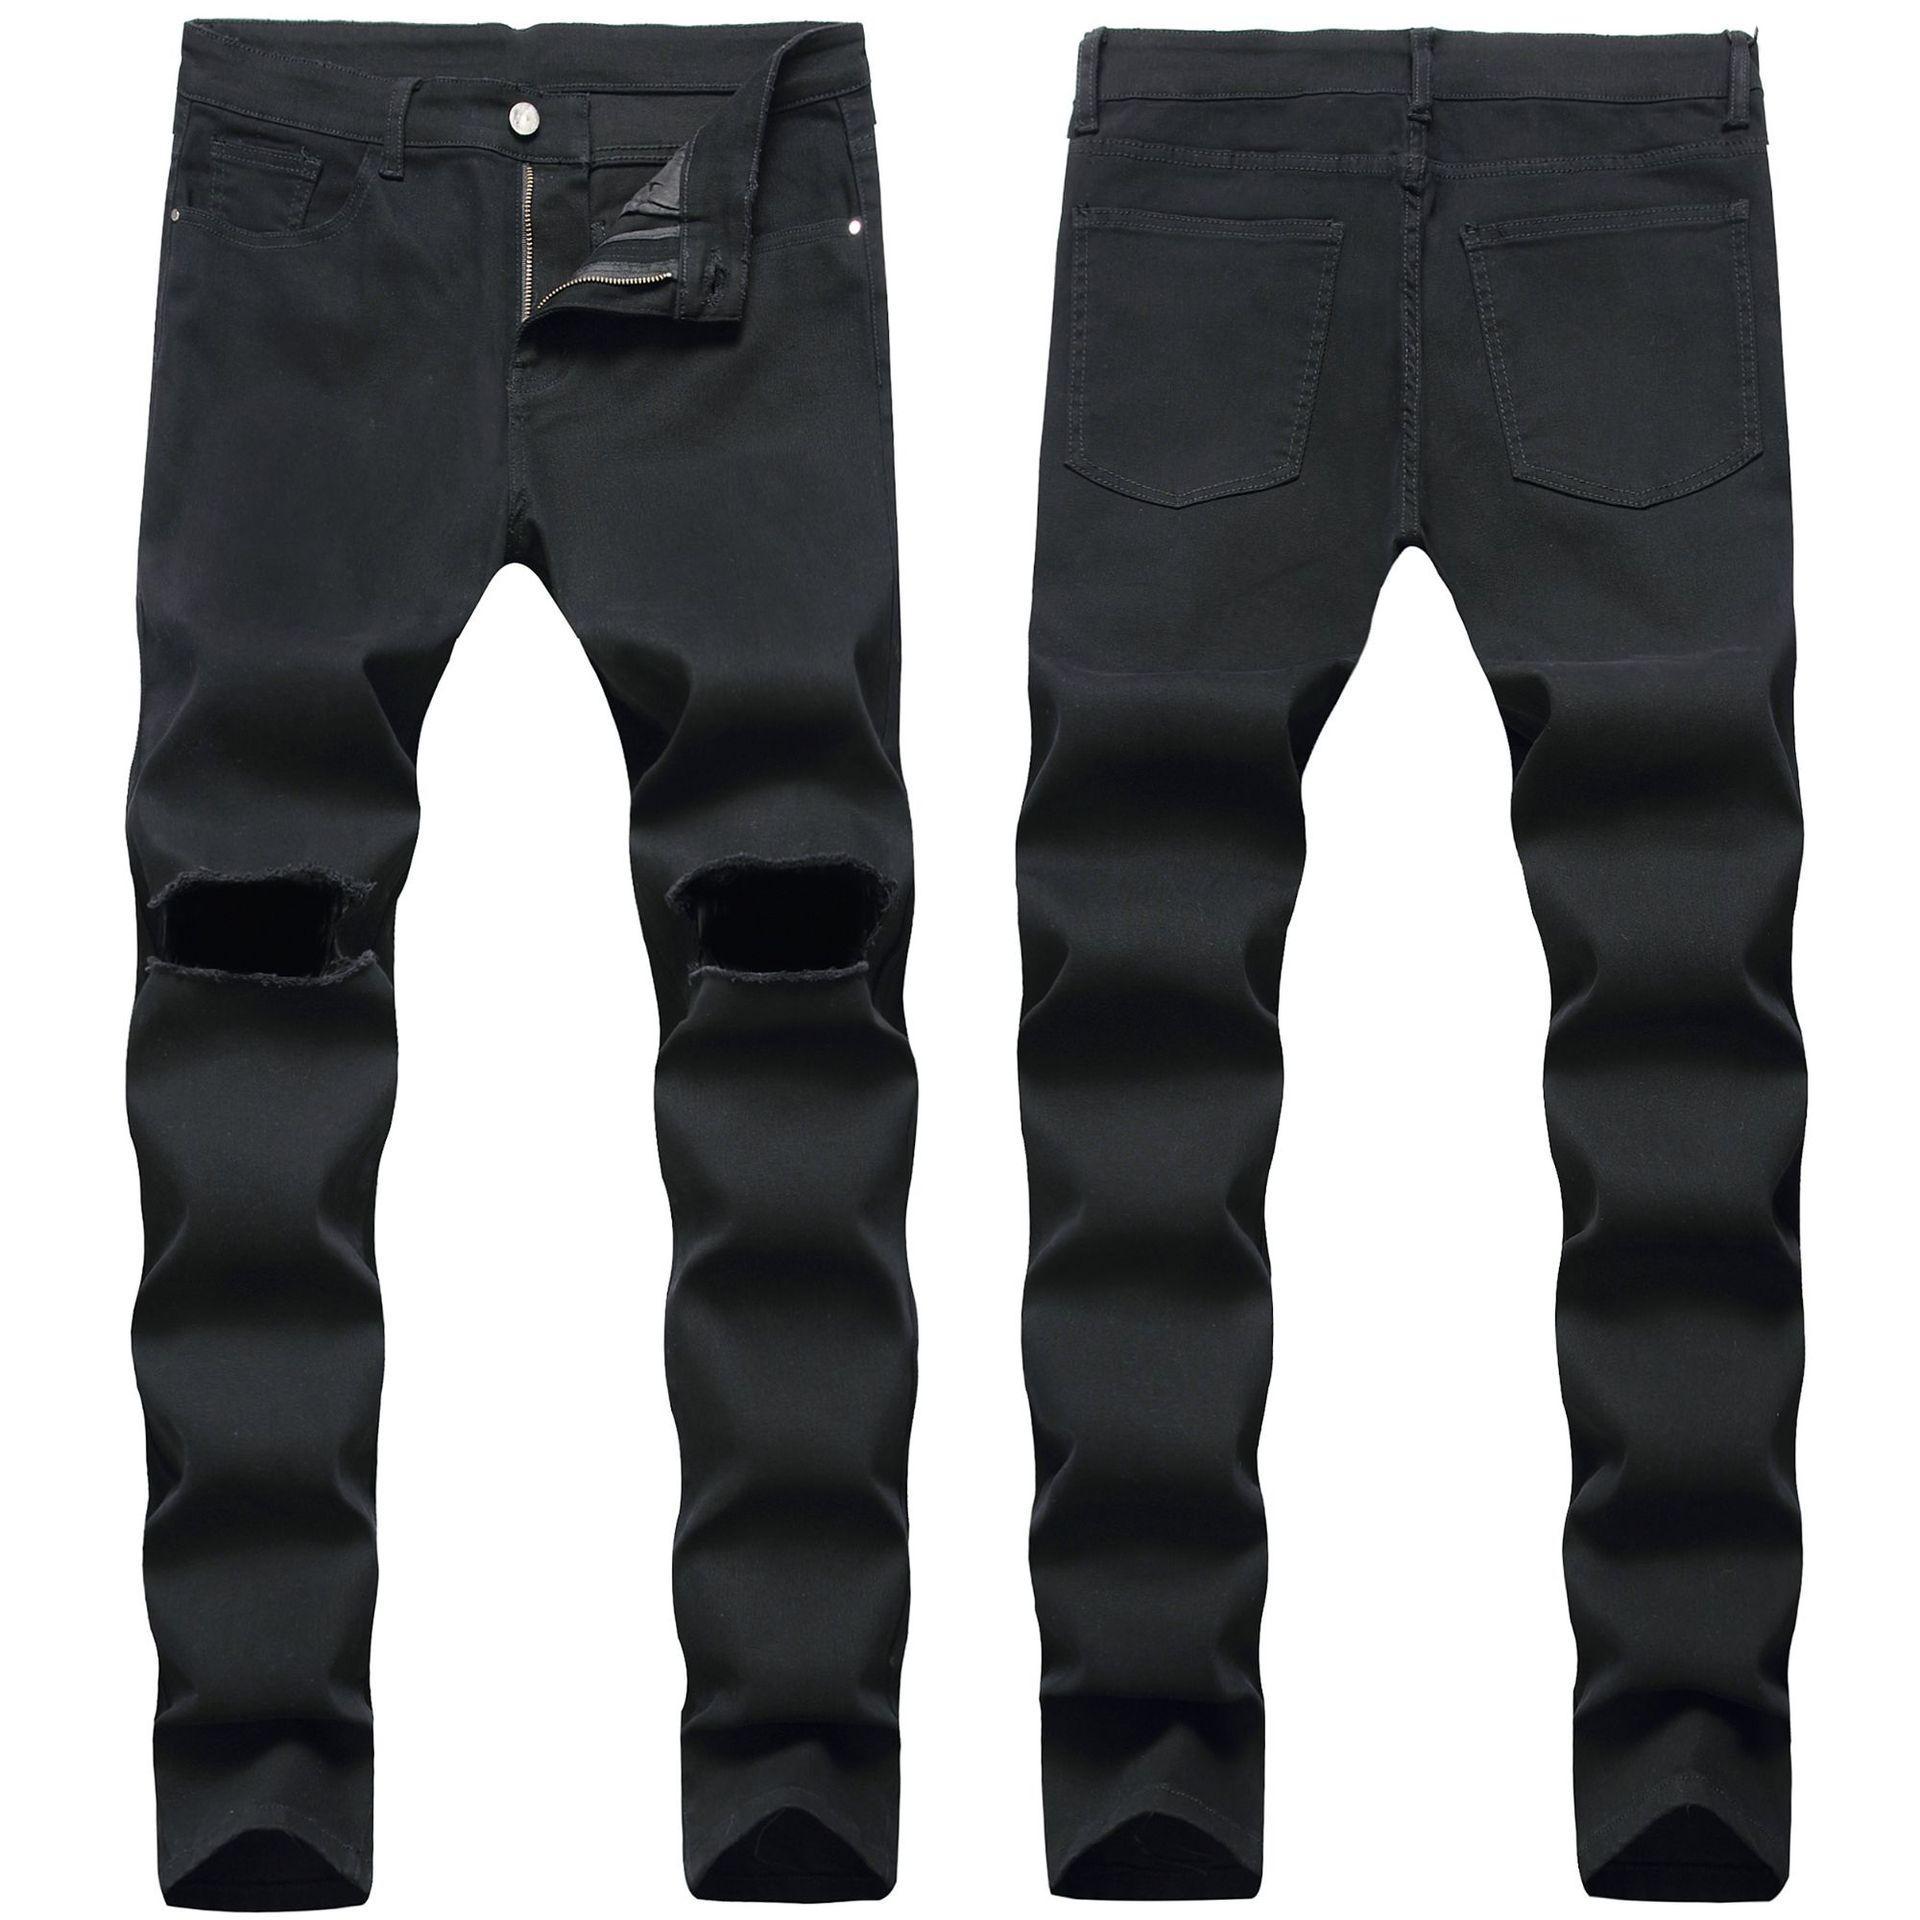 Sıska Erkek Siyah Kot Serin Erkekler Yırtık Delik Kot Streç Slim Fit Denim Biker Jeans Hip Hop Erkekler Streetwear 1122 #